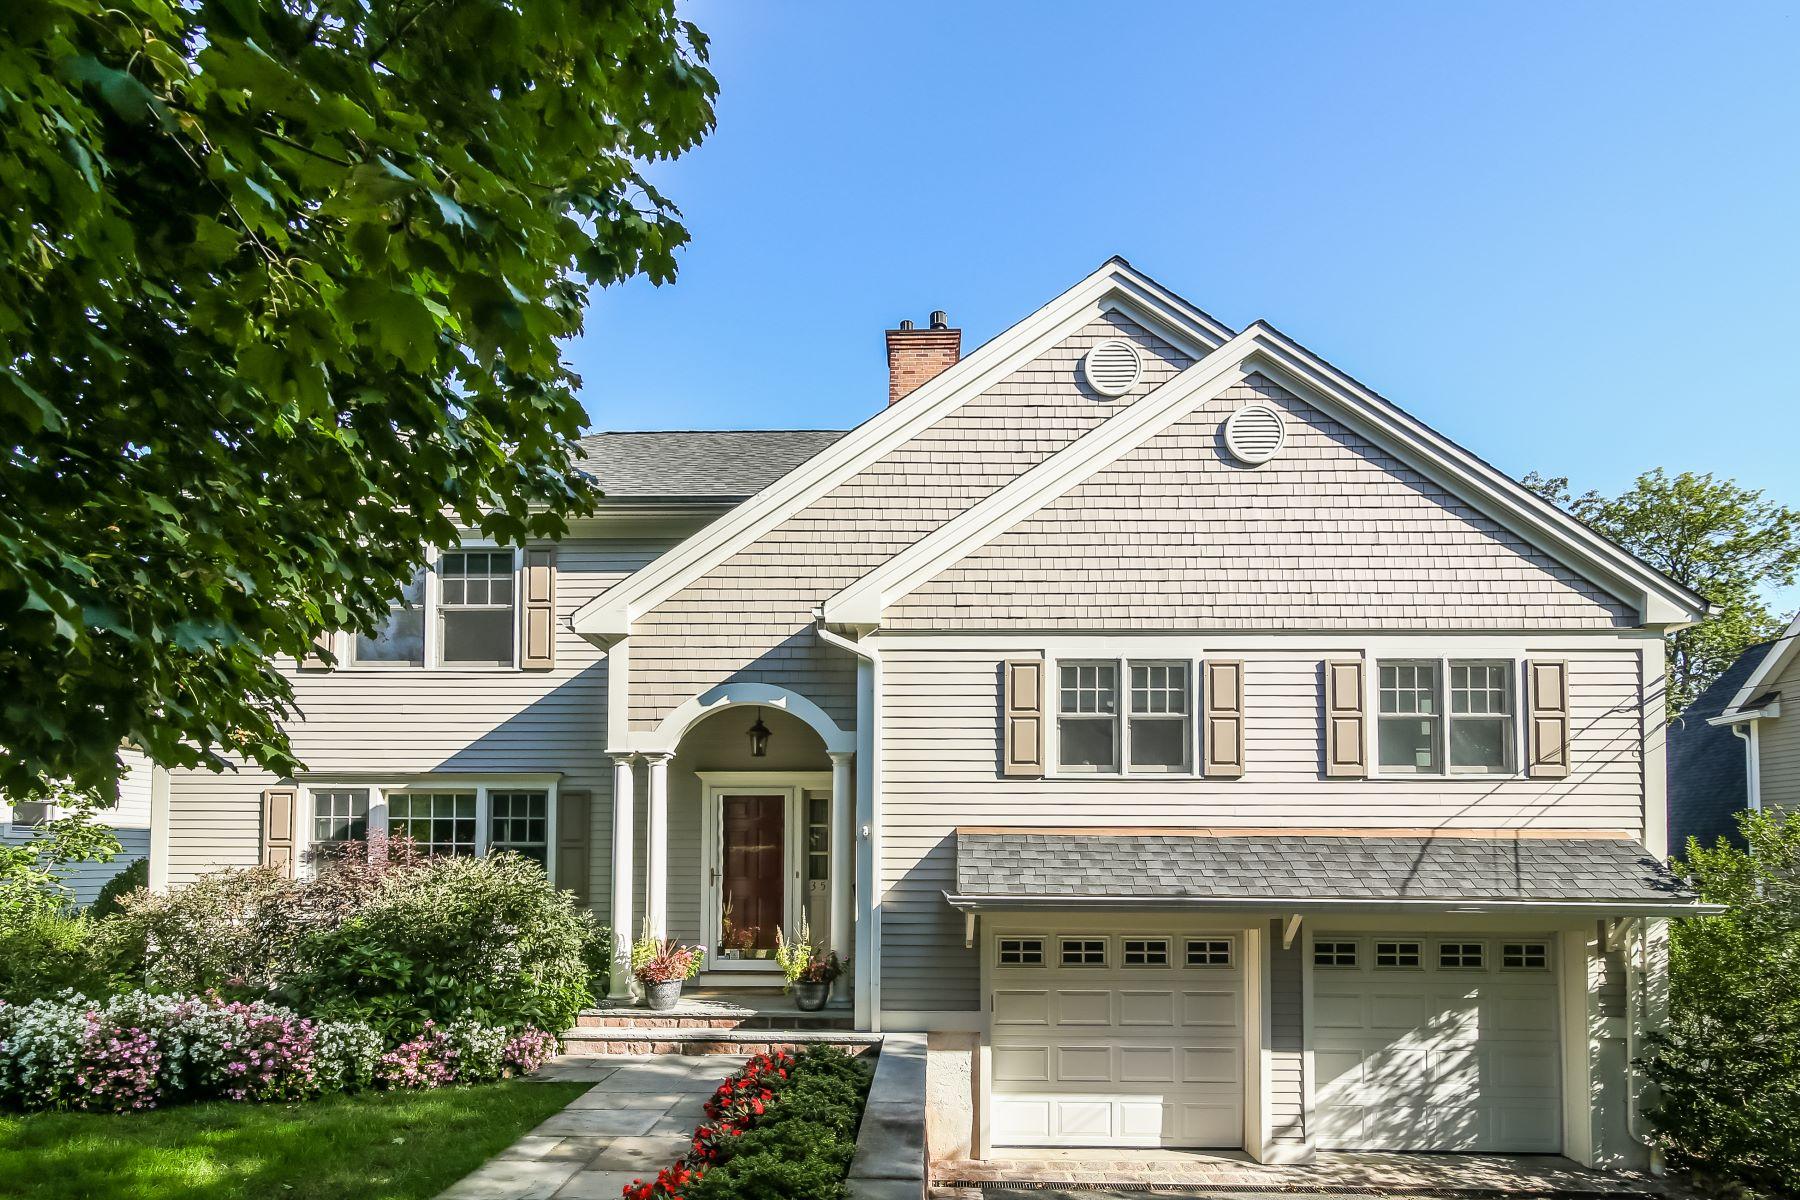 Частный односемейный дом для того Продажа на 35 Beverly Drive Rye, Нью-Йорк, 10580 Соединенные Штаты